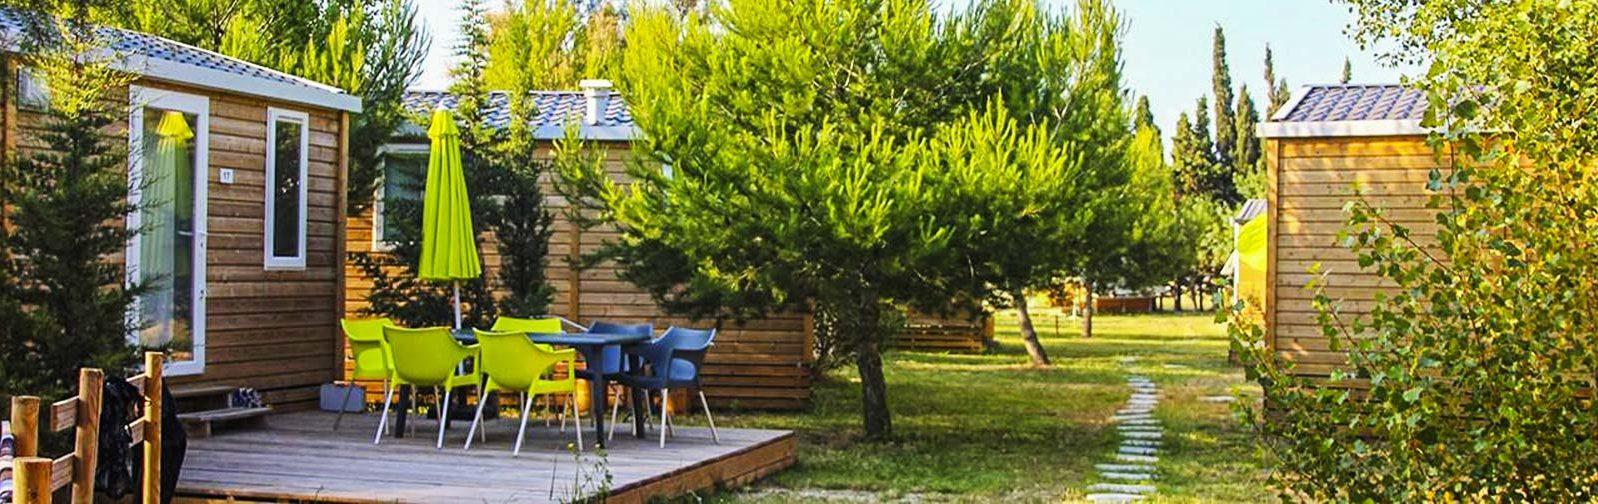 Camping Aude | Camping Port La Nouvelle, Leucate | Pays ... intérieur Camping Aude Avec Piscine